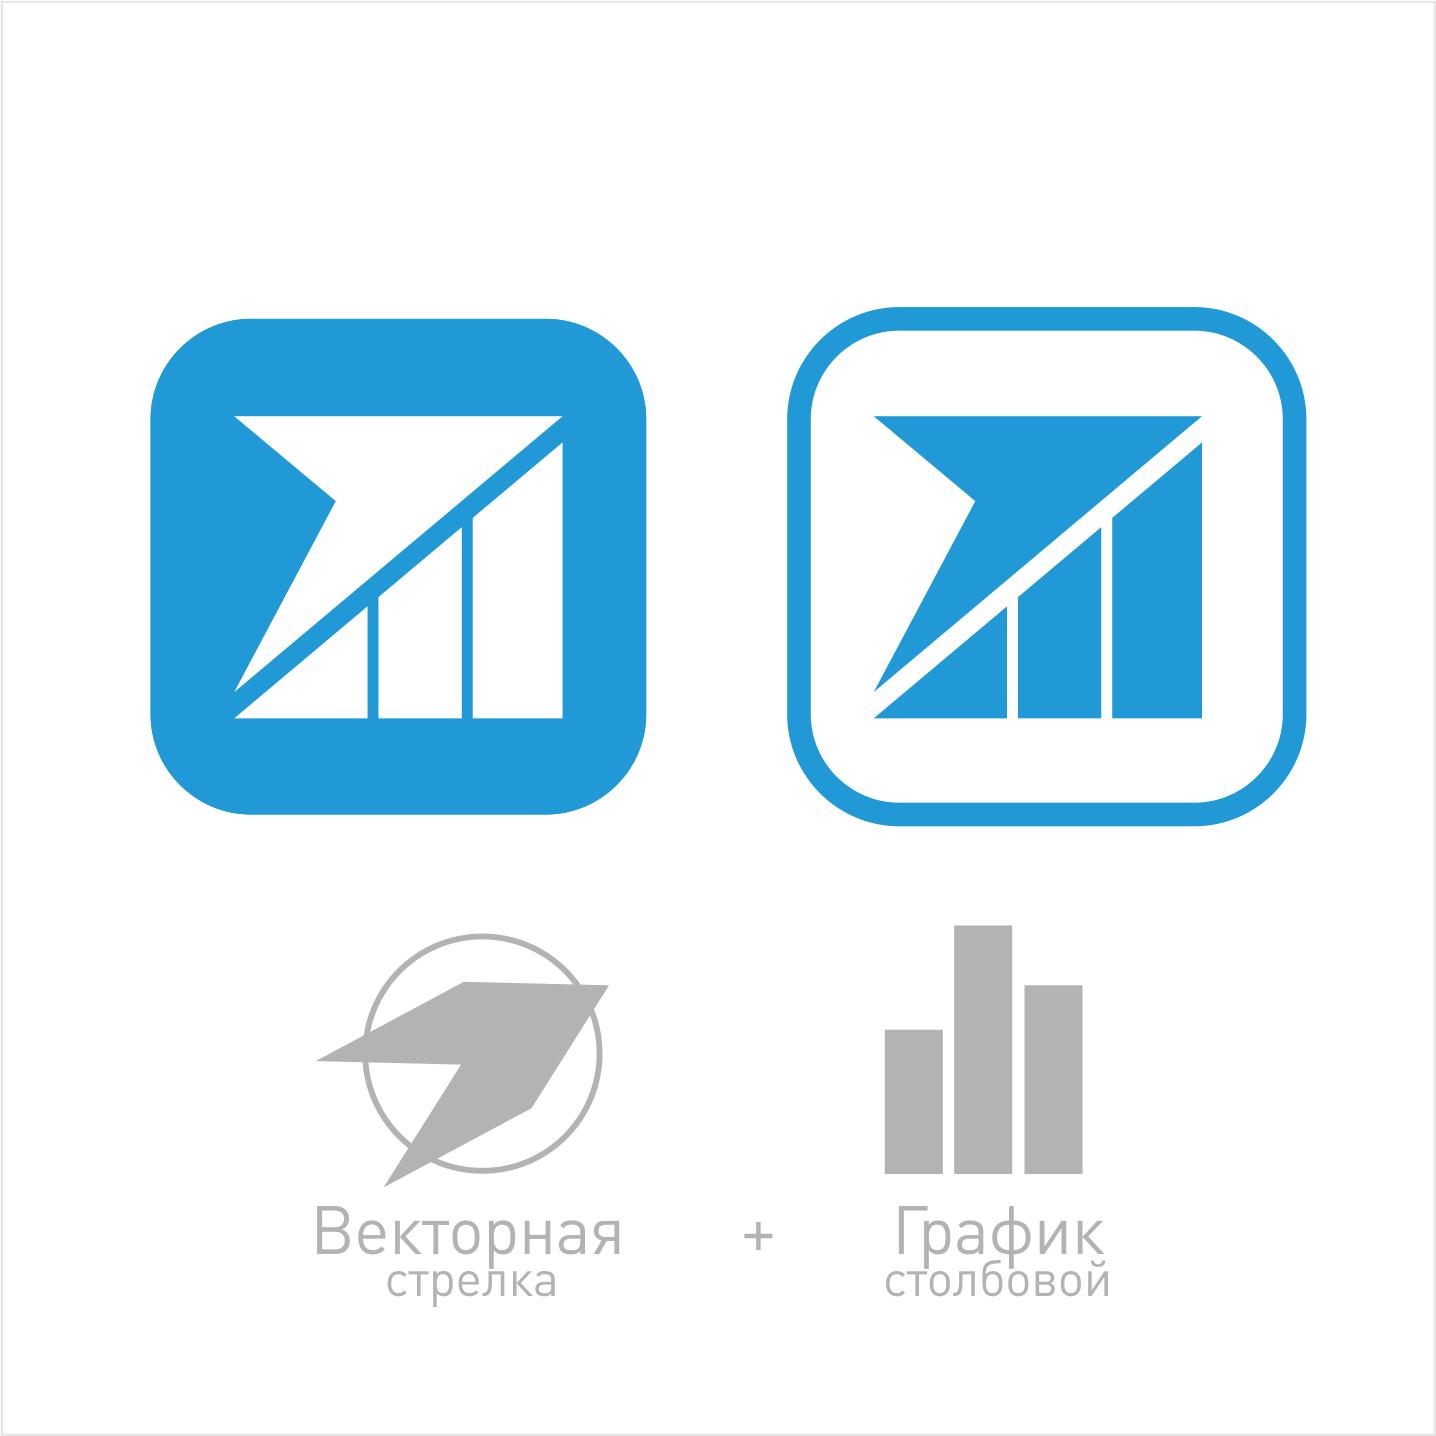 Логотип / иконка сервиса управления проектами / задачами фото f_9625973b479ea66d.jpg